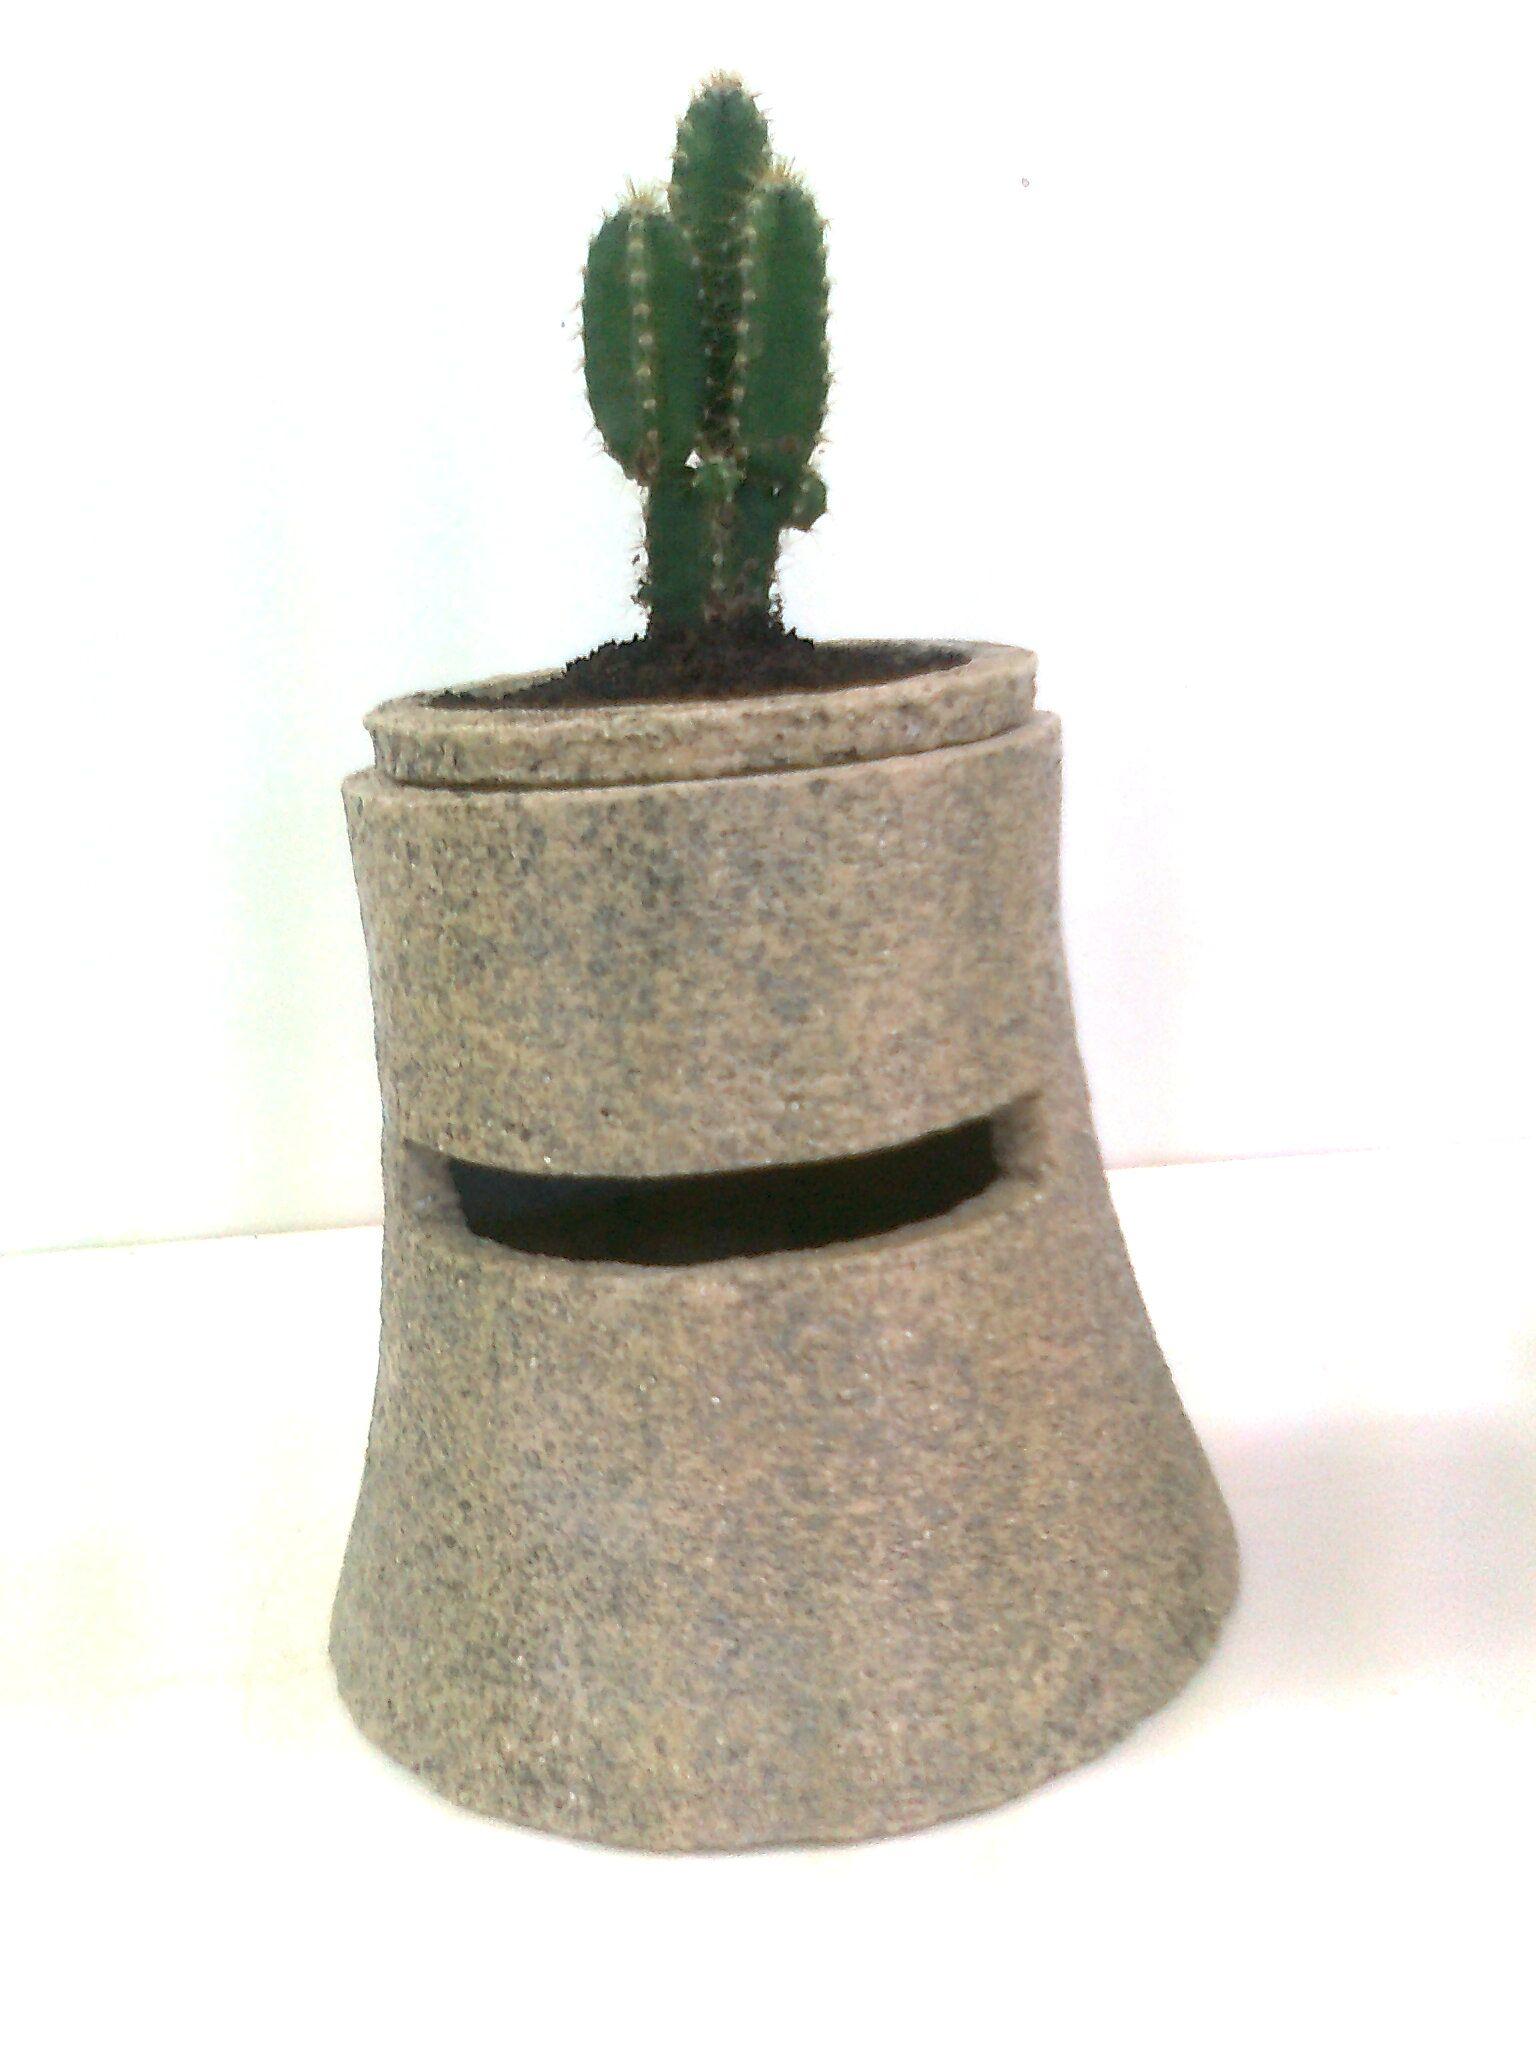 Yelmo-macetero para cactus